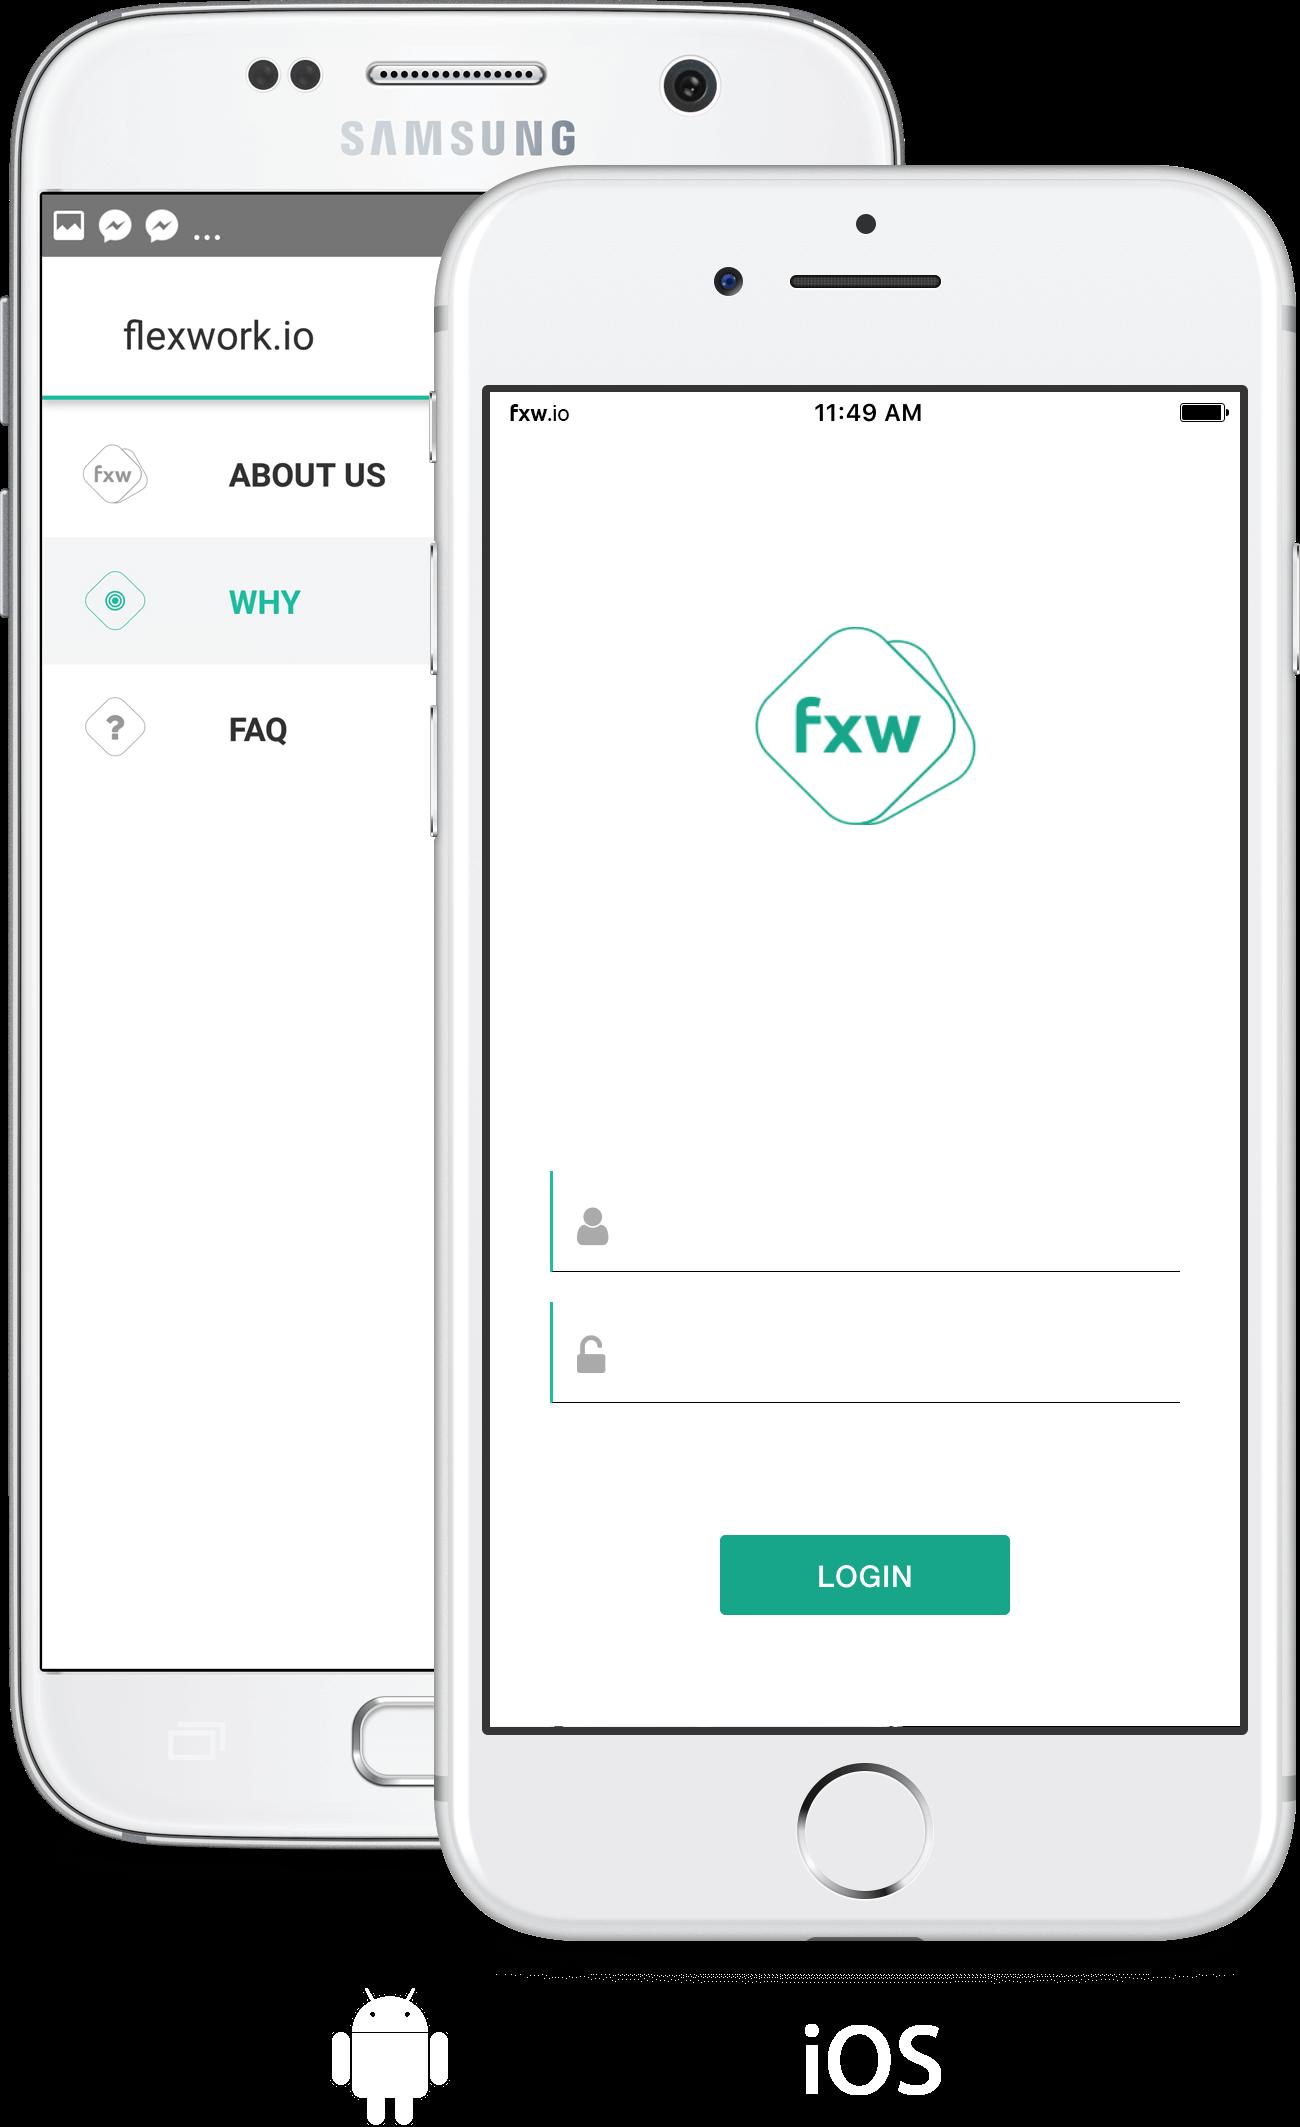 react native app starter free download now! - flexwork io open source